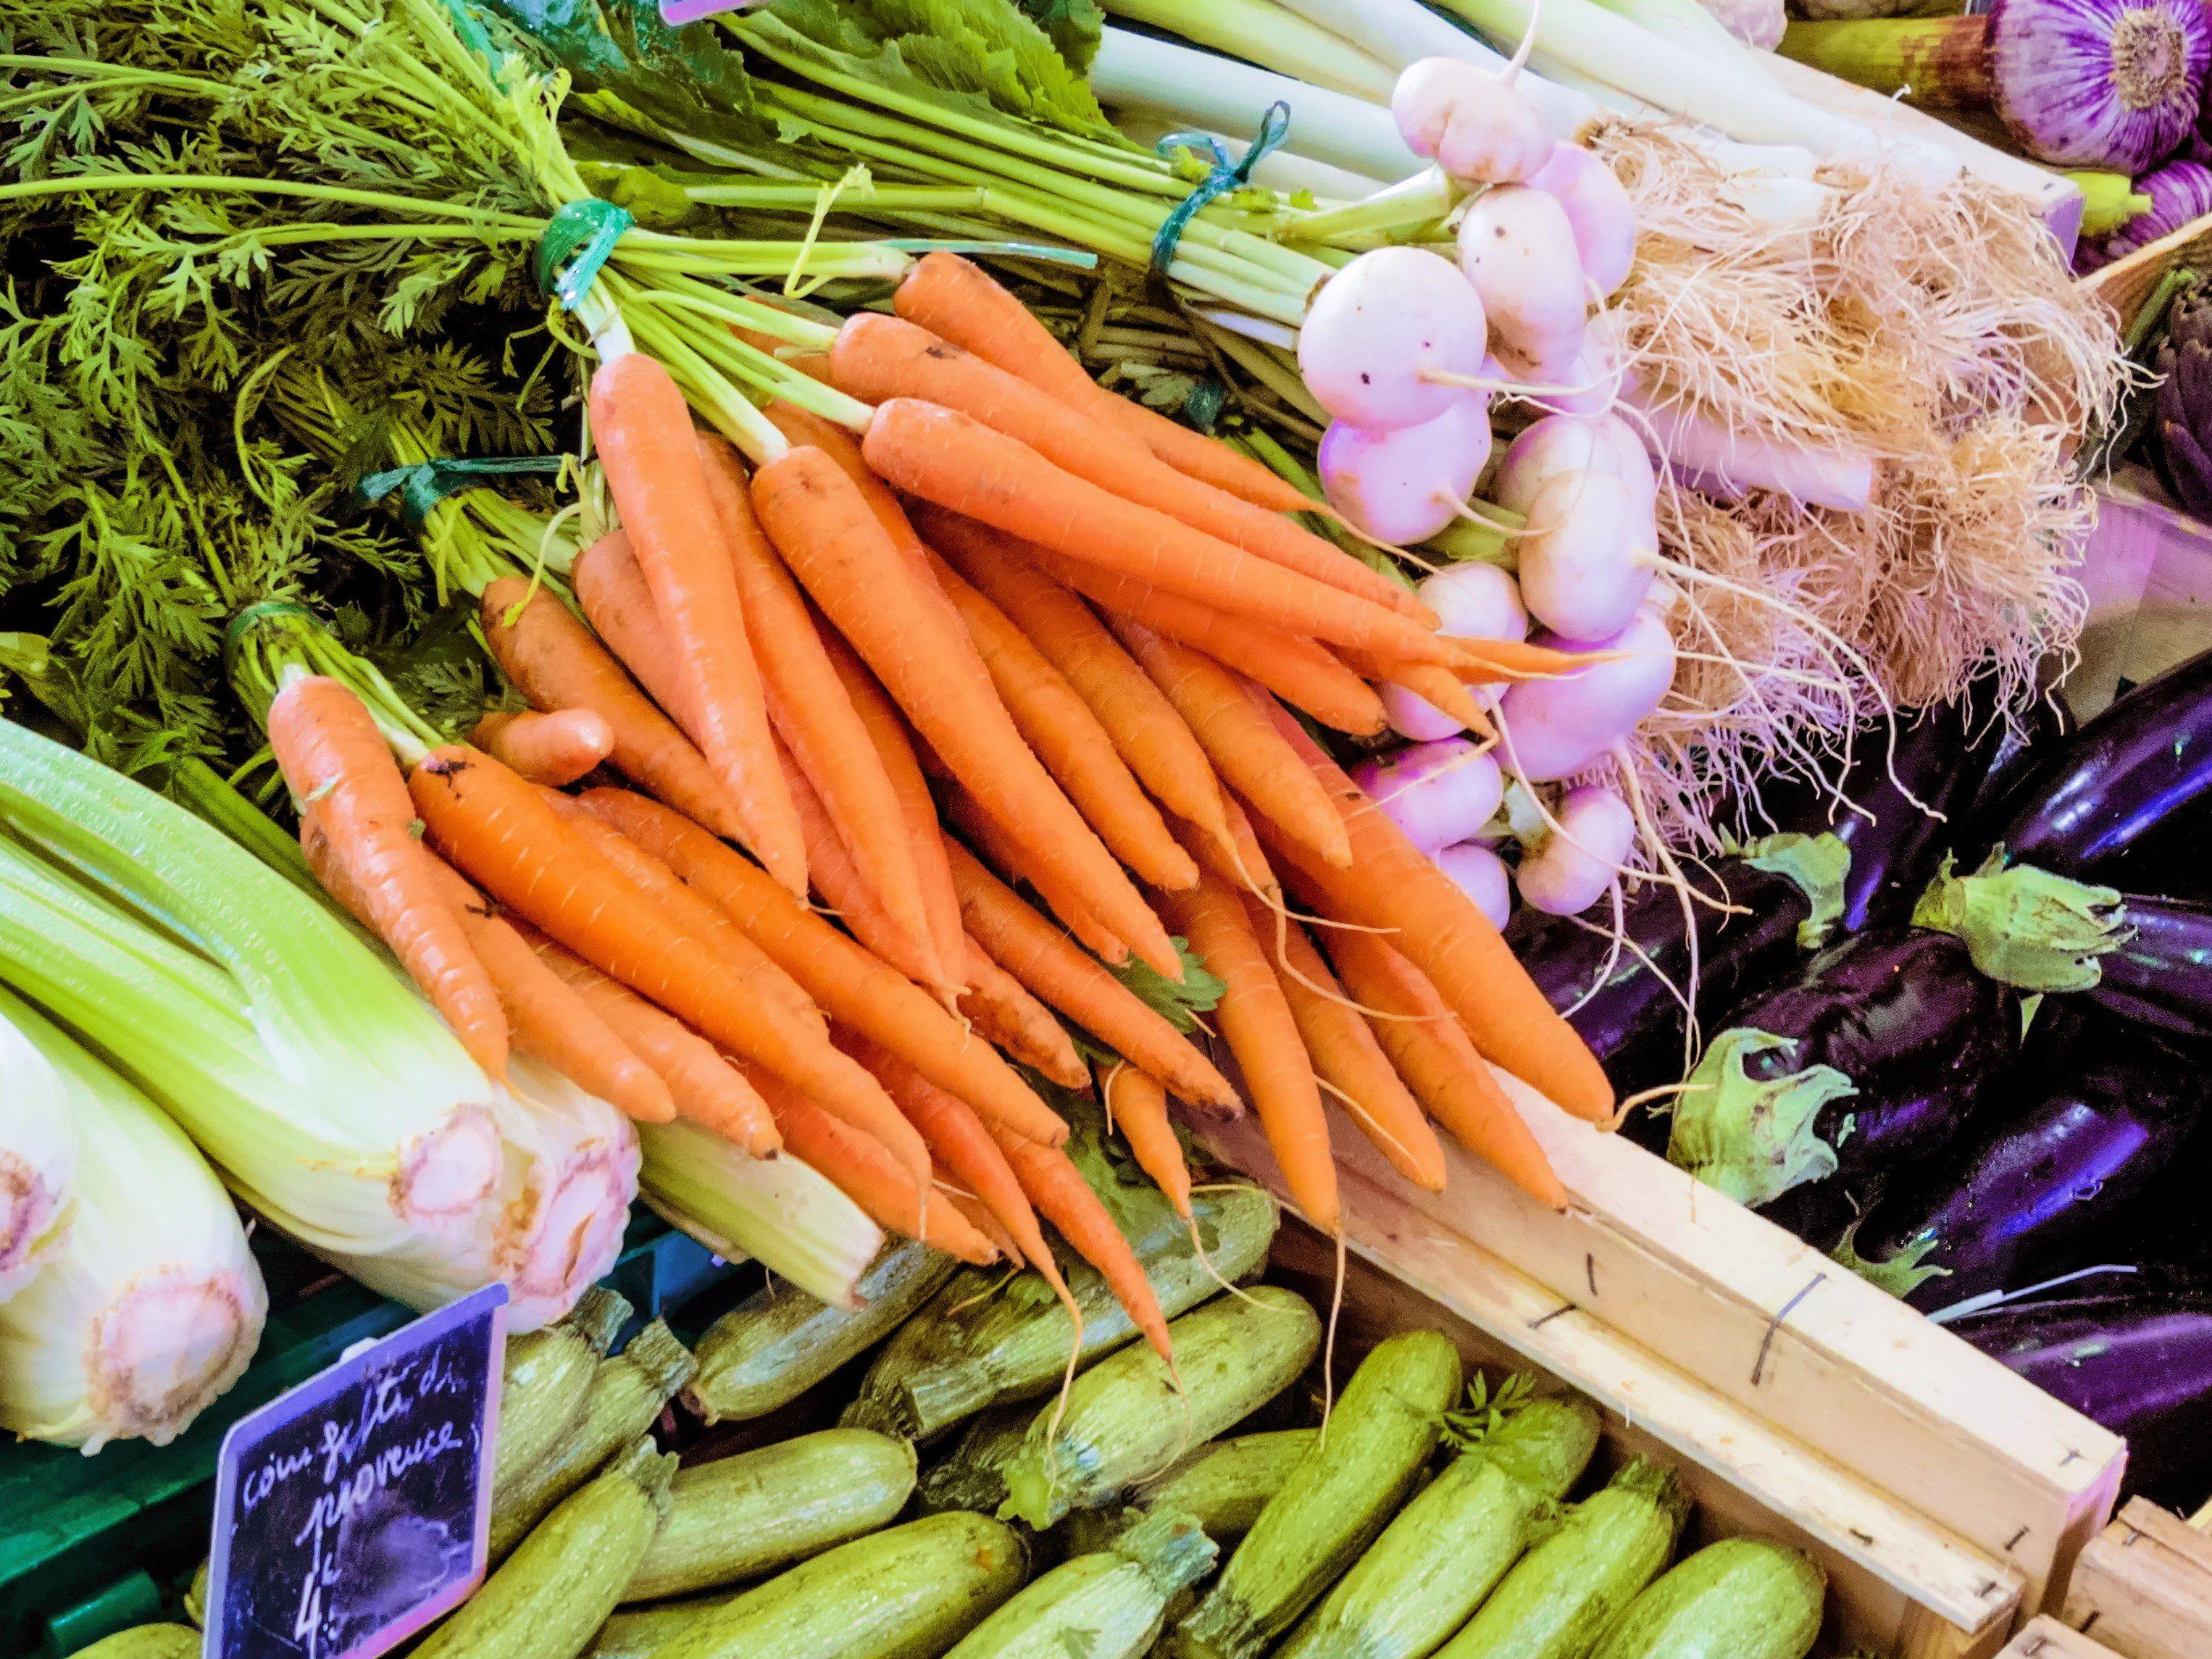 Saisonales Obst und Gemüse schmeckt nicht nur gut, sondern kann auch beim Sparen helfen.